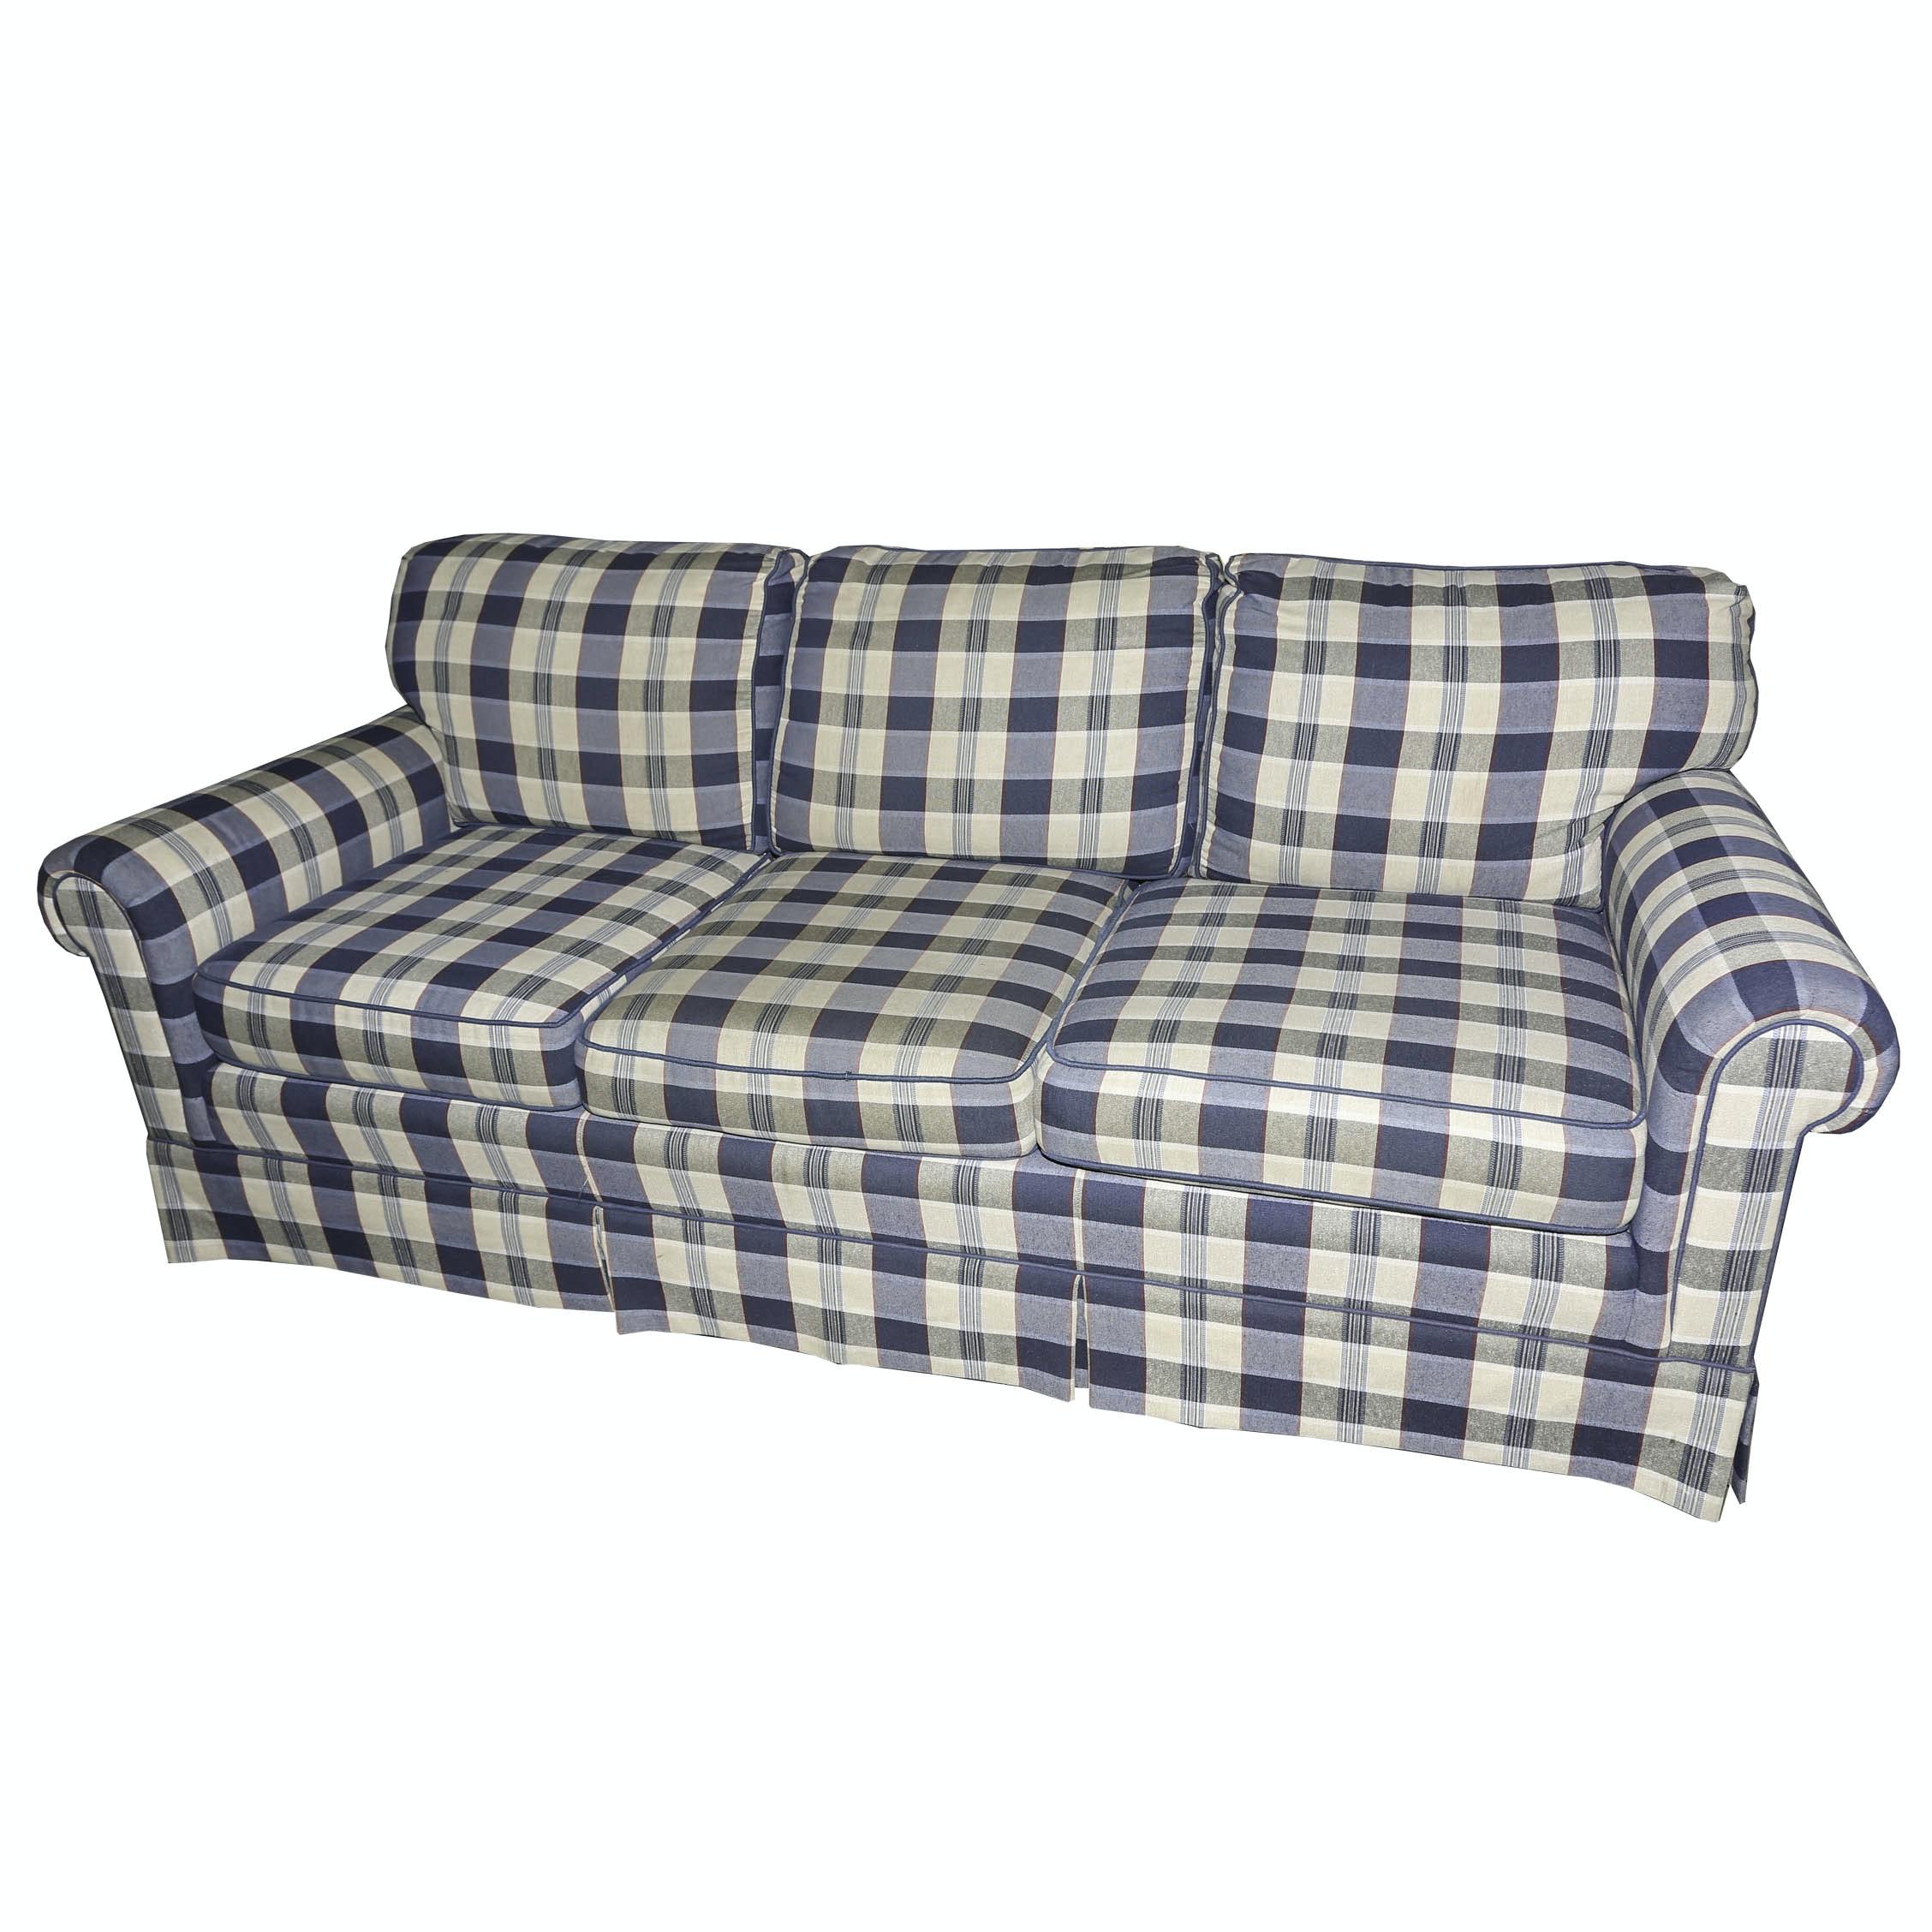 Plaid Sofa traditional plaid sofa by wesley ebth